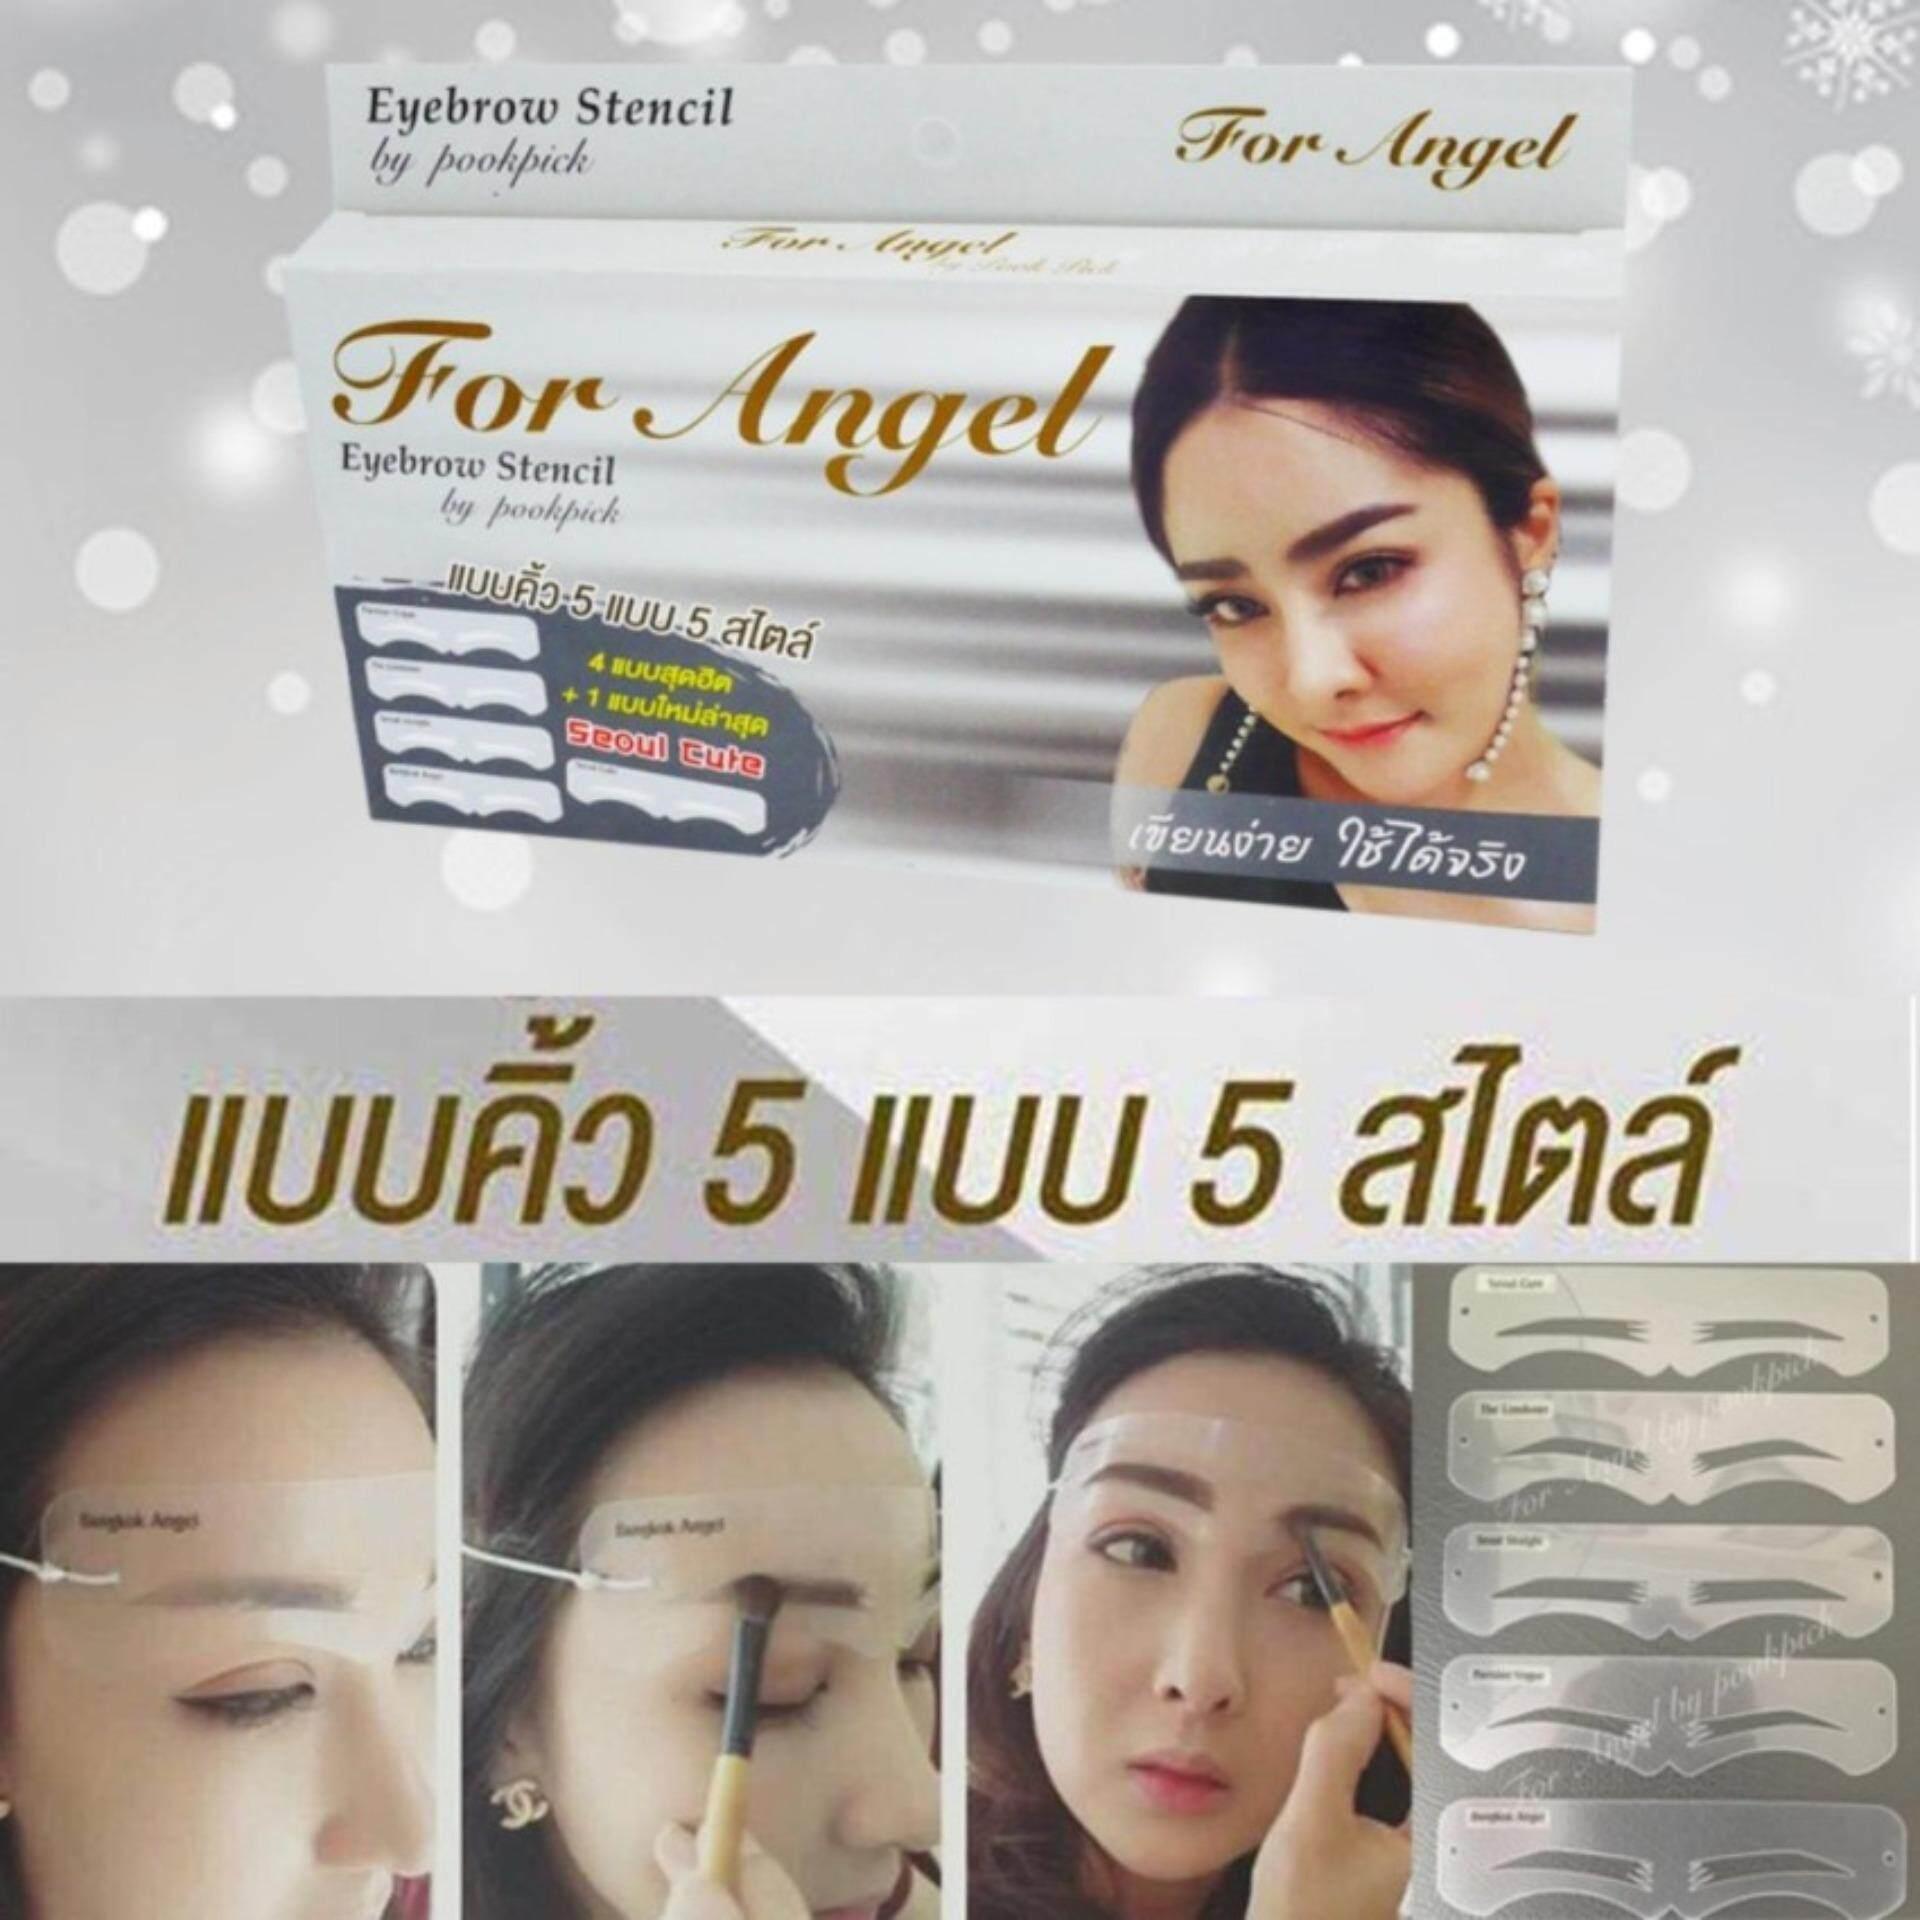 ขาย ซื้อ ออนไลน์ For Angel Eyebrow Stencil By Pookpick บล็อคเขียนคิ้ว แผ่นเขียนคิ้ว แบบคิ้ว มี 5 แบบ 5 สไตล์ จำนวน 1 กล่อง